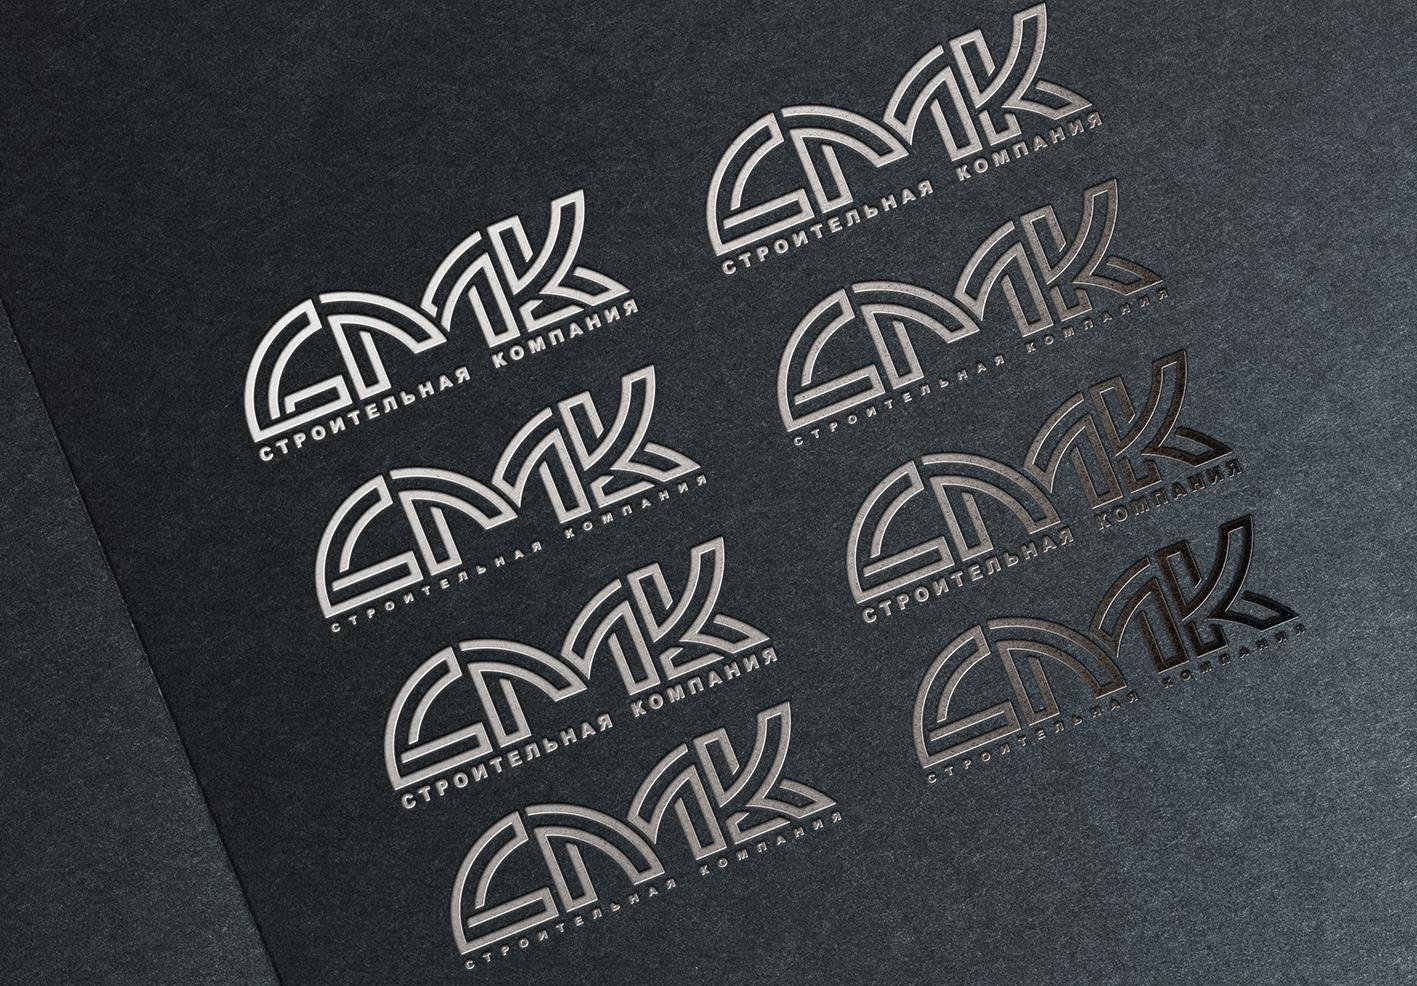 Разработка логотипа компании фото f_8095dc8018734ae5.jpg